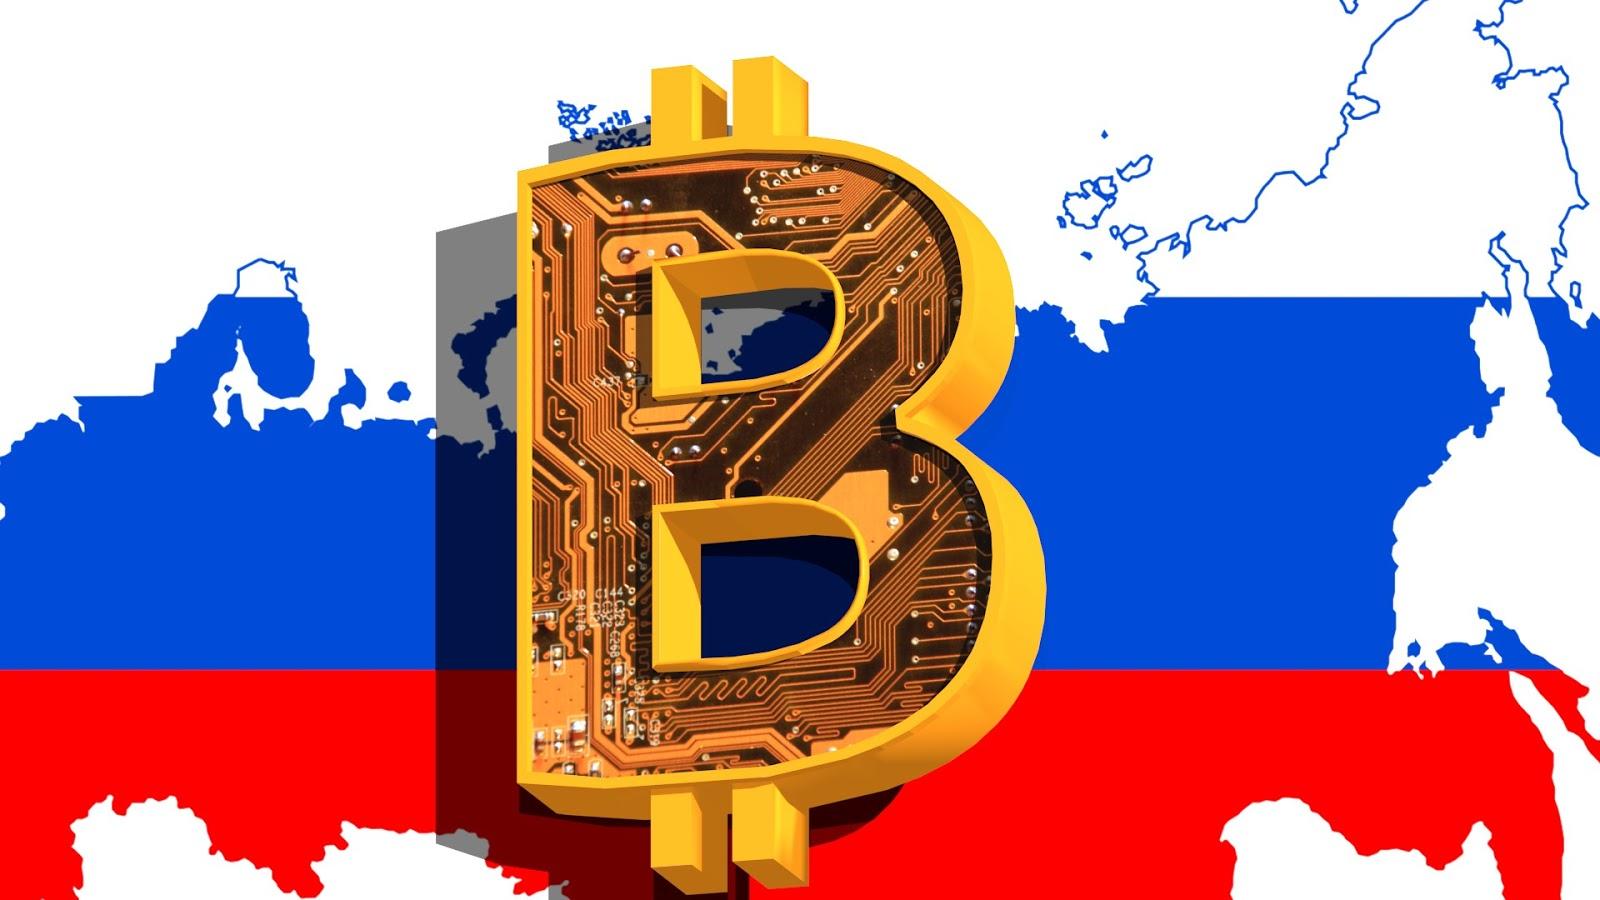 Chính phủ Nga dự định hợp pháp hóa Bitcoin vào năm 2018